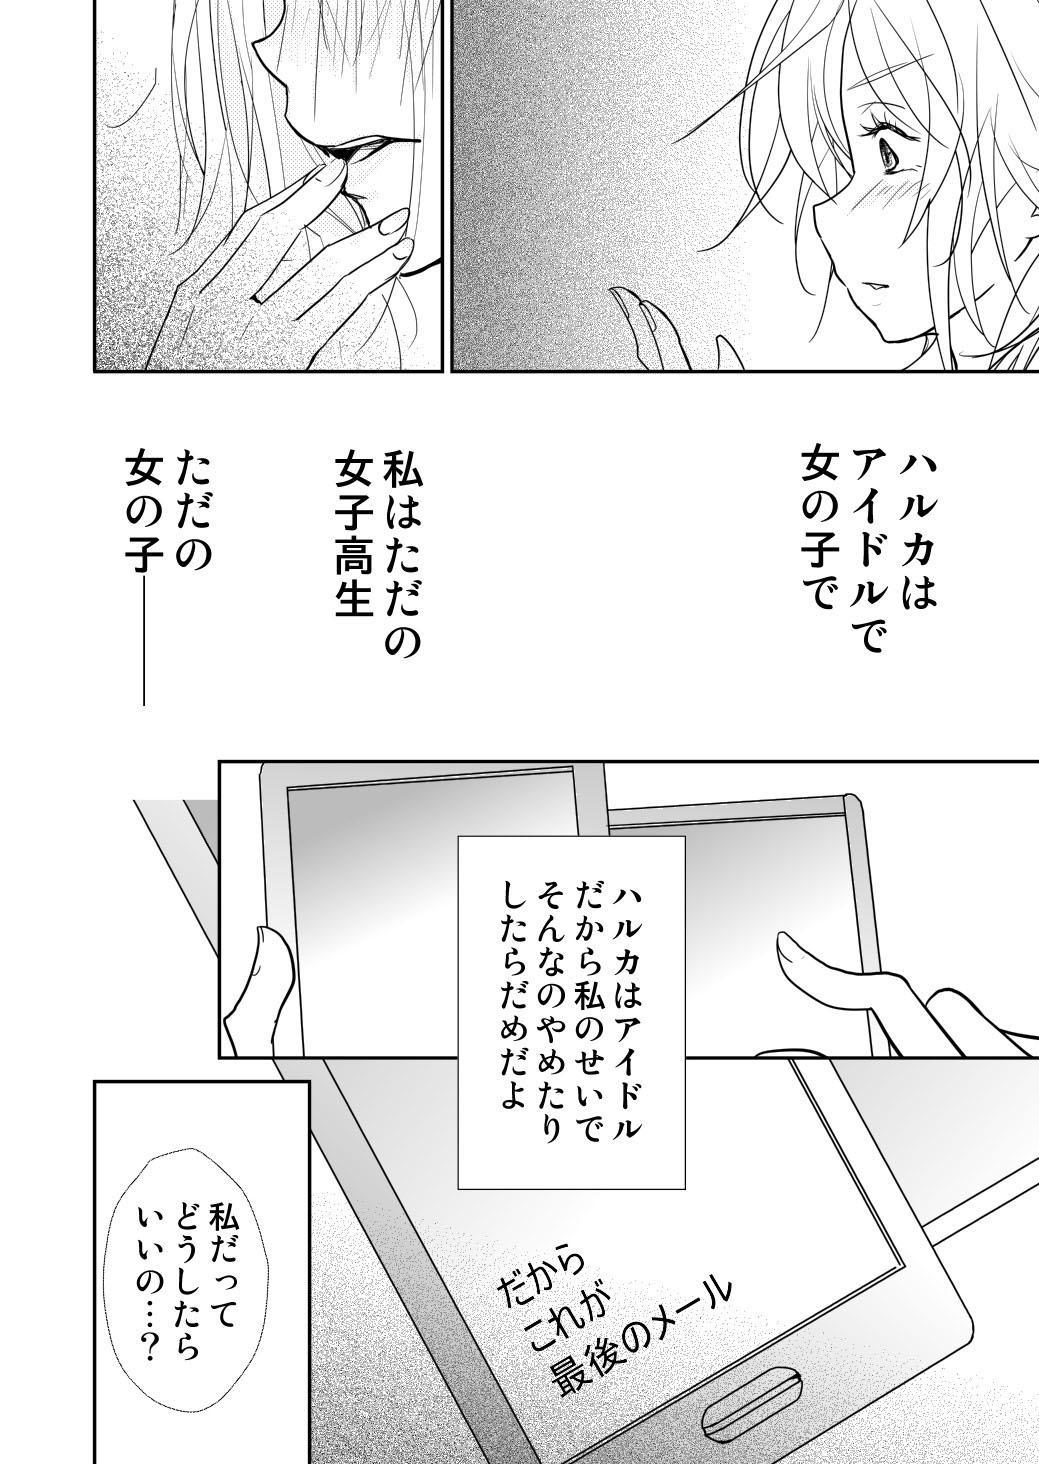 Yakusoku no Sora to Kimigaita Basho 1 ~ 2 21